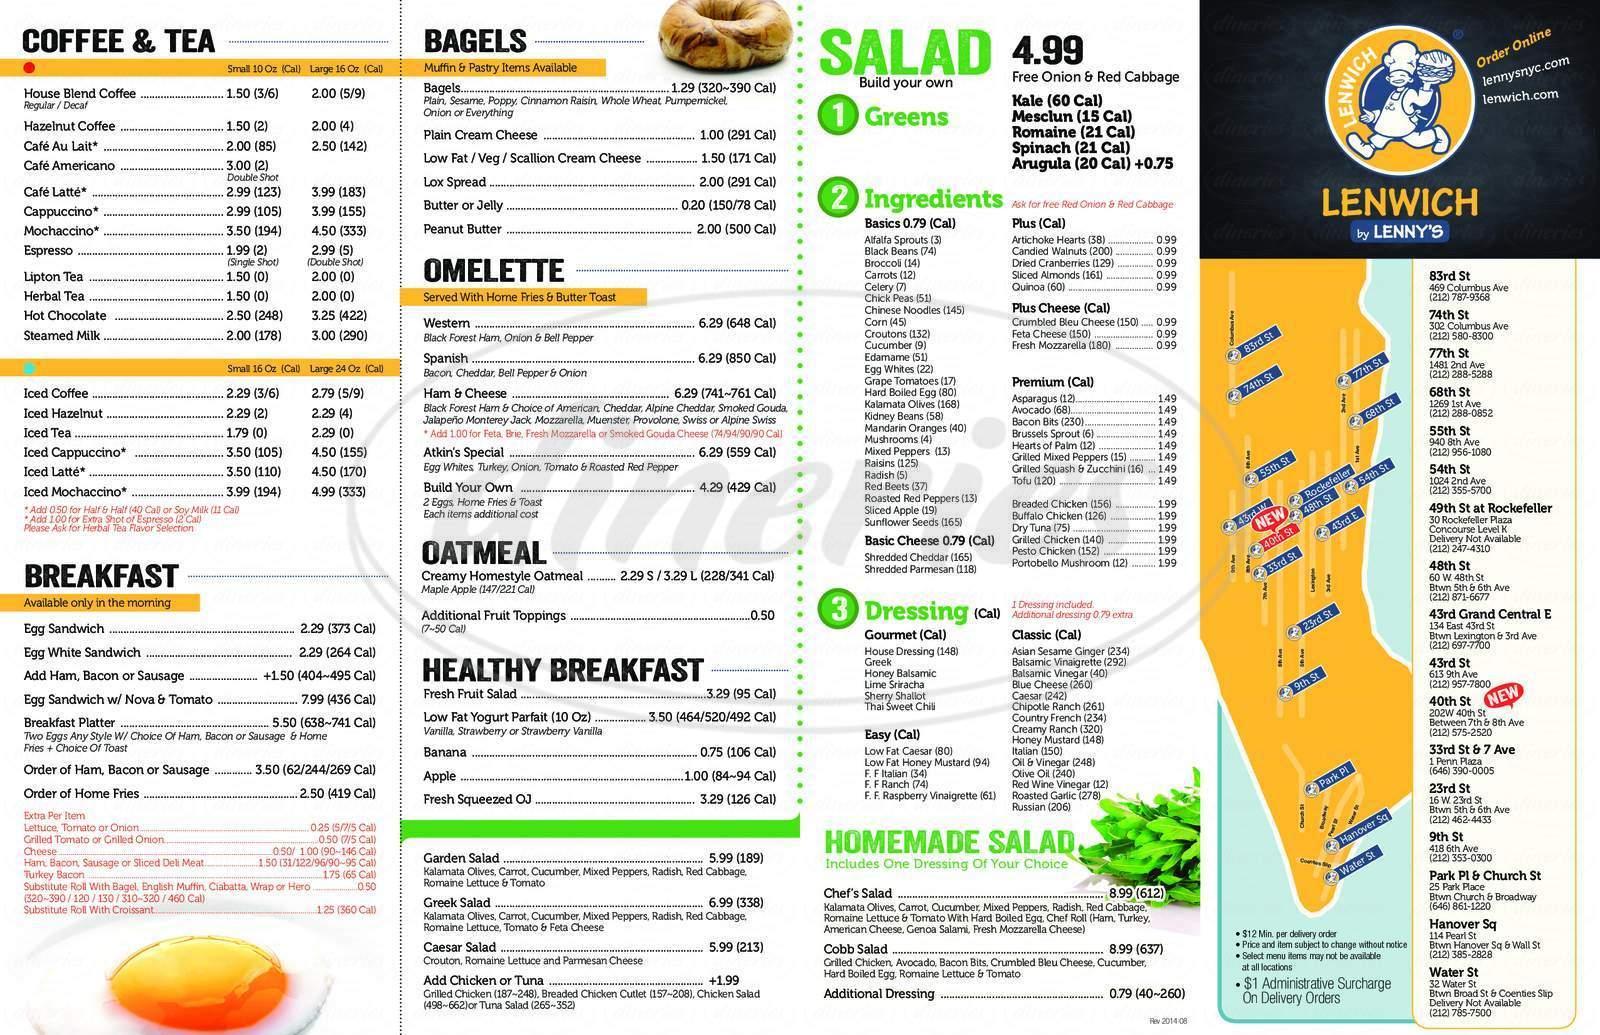 menu for Lenny's